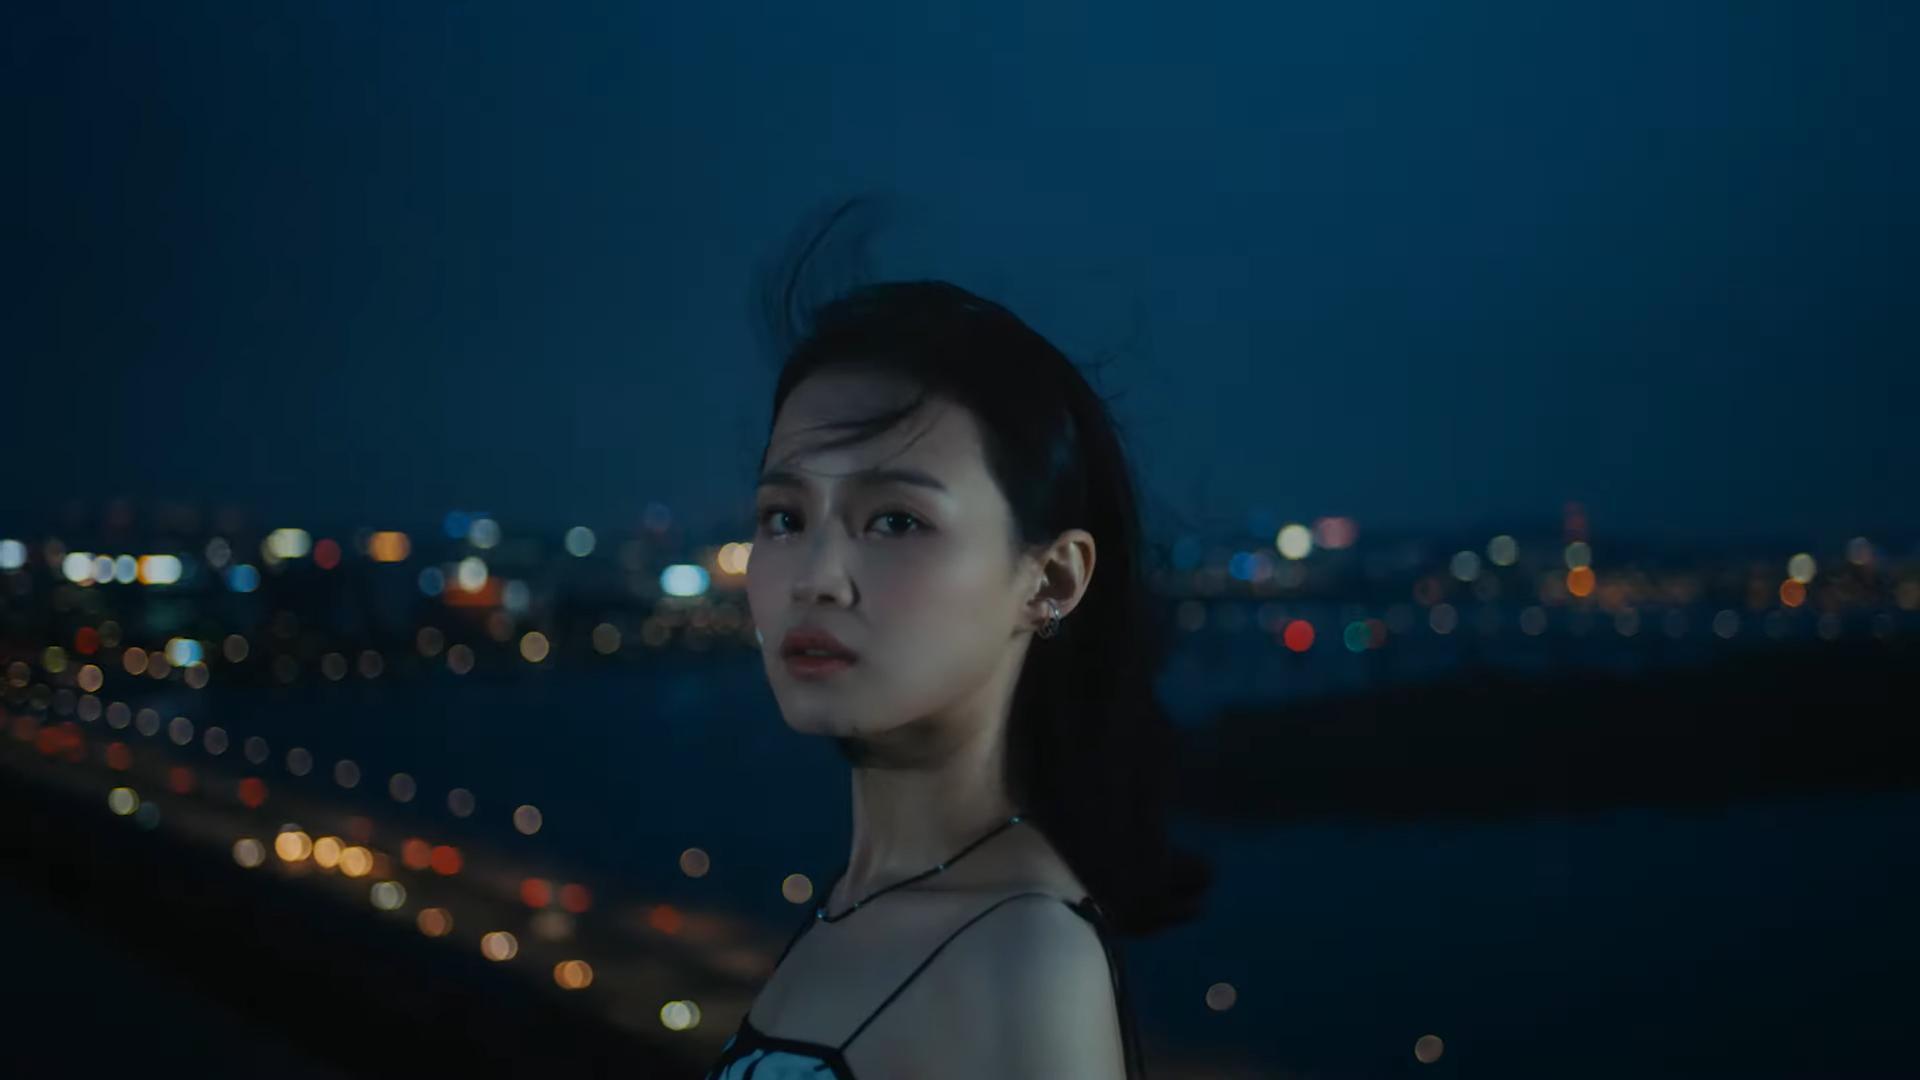 Lee Hi chính thức tái xuất với Holo: MV nặng tâm lý nhưng nhạc lại hao hao một bản hit đình đám của Meghan Trainor Ảnh 11